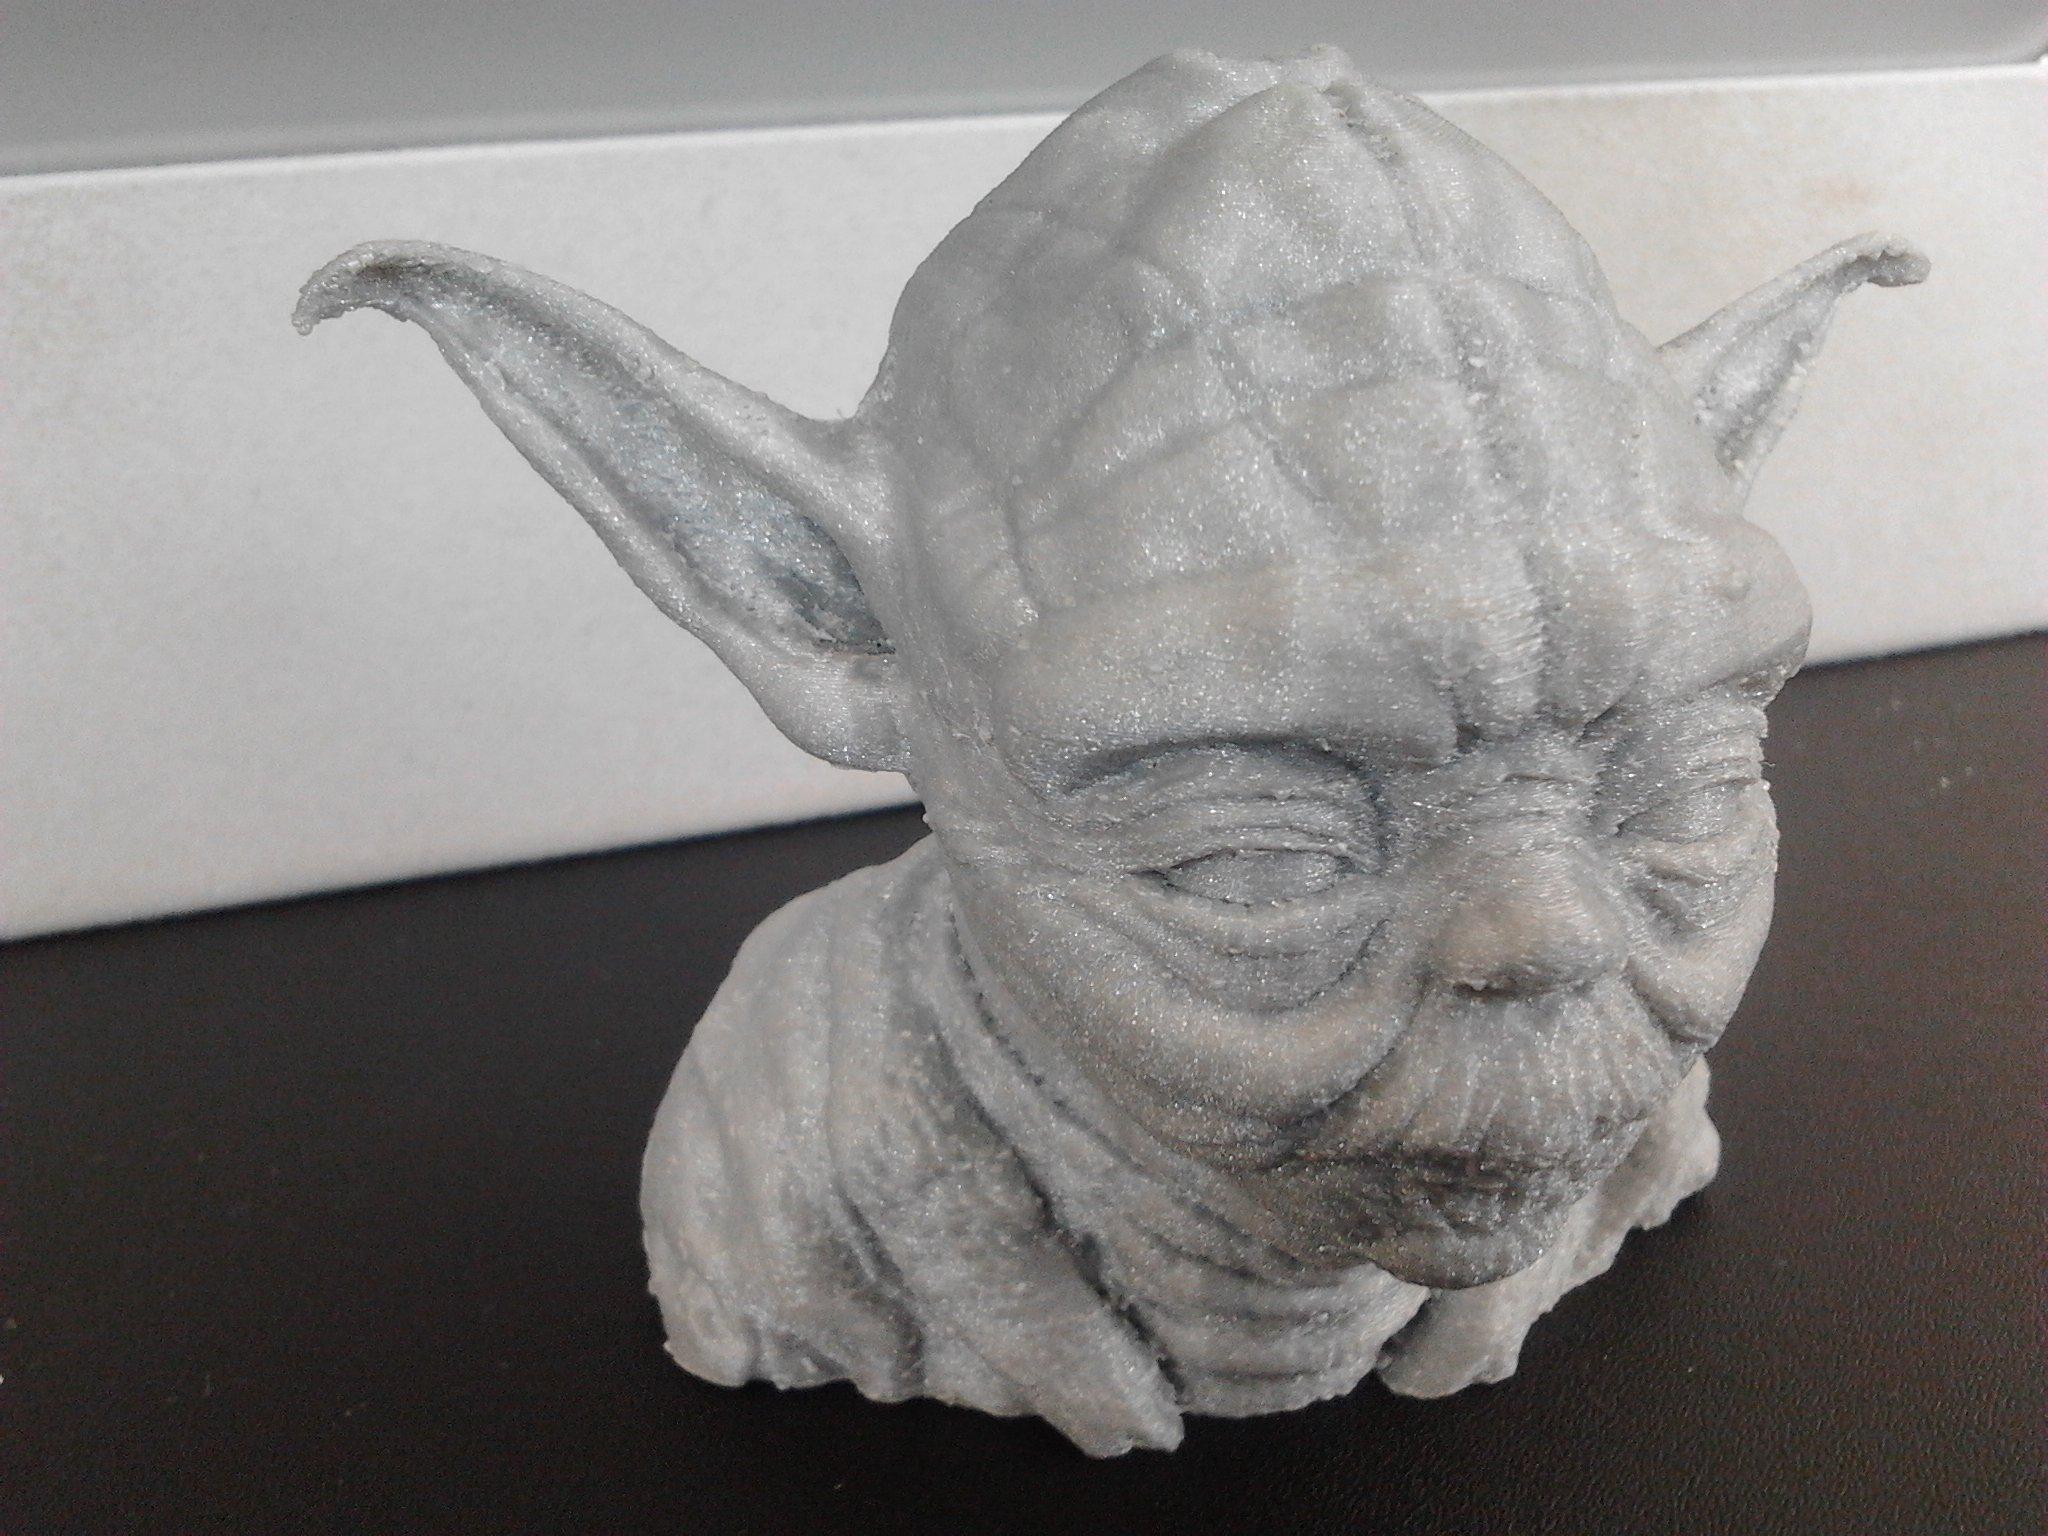 Мастер Йода нашел воплощение на 3д принтере=) - Изображение 1